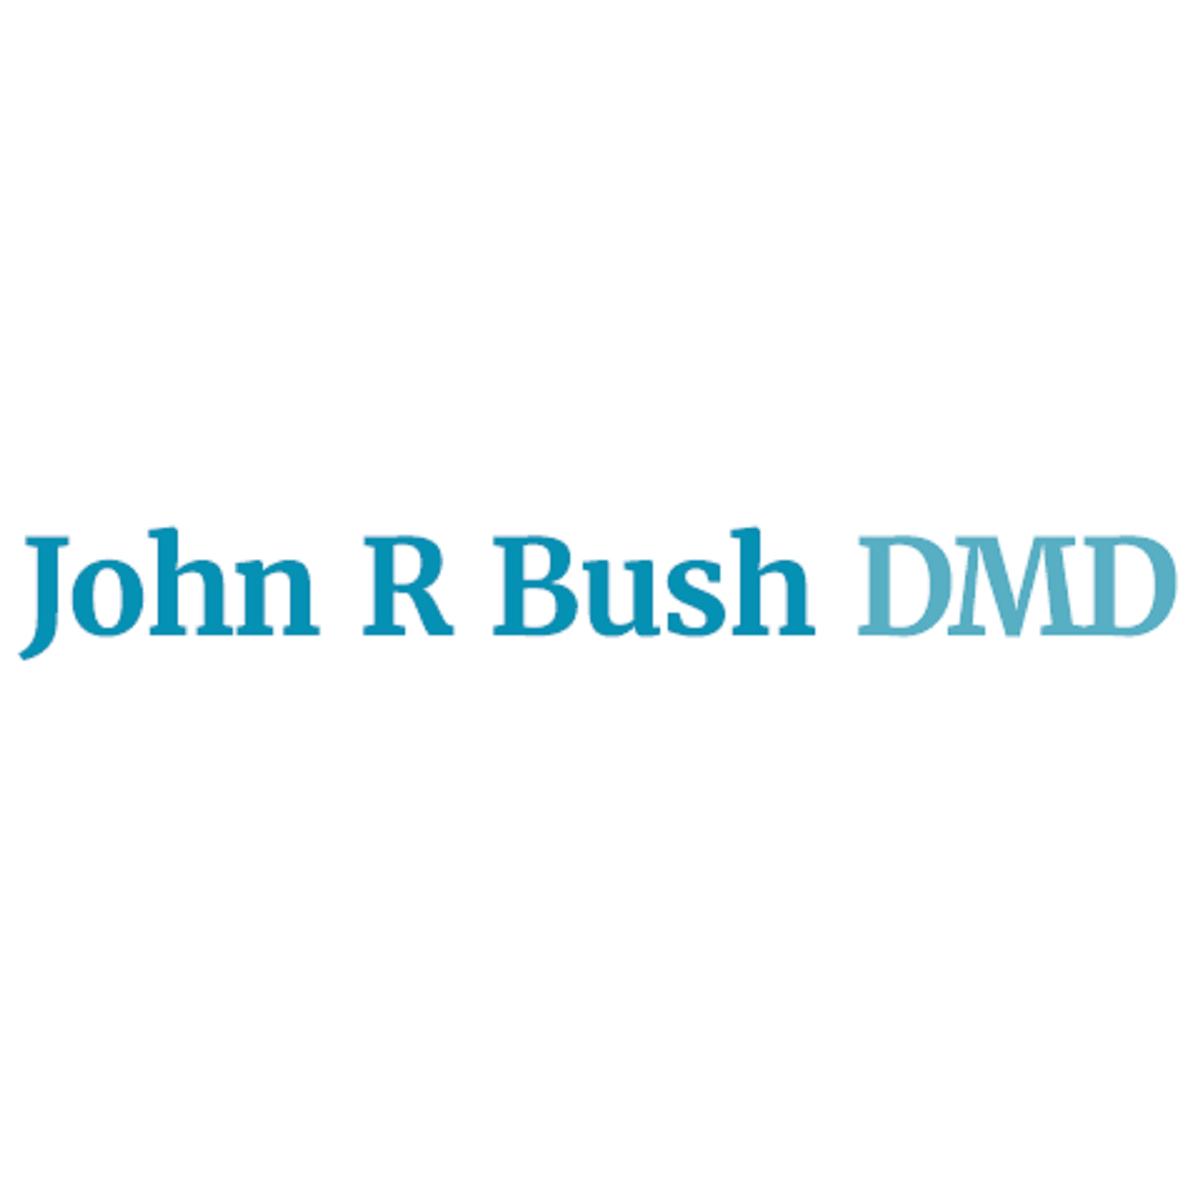 John R Bush DMD